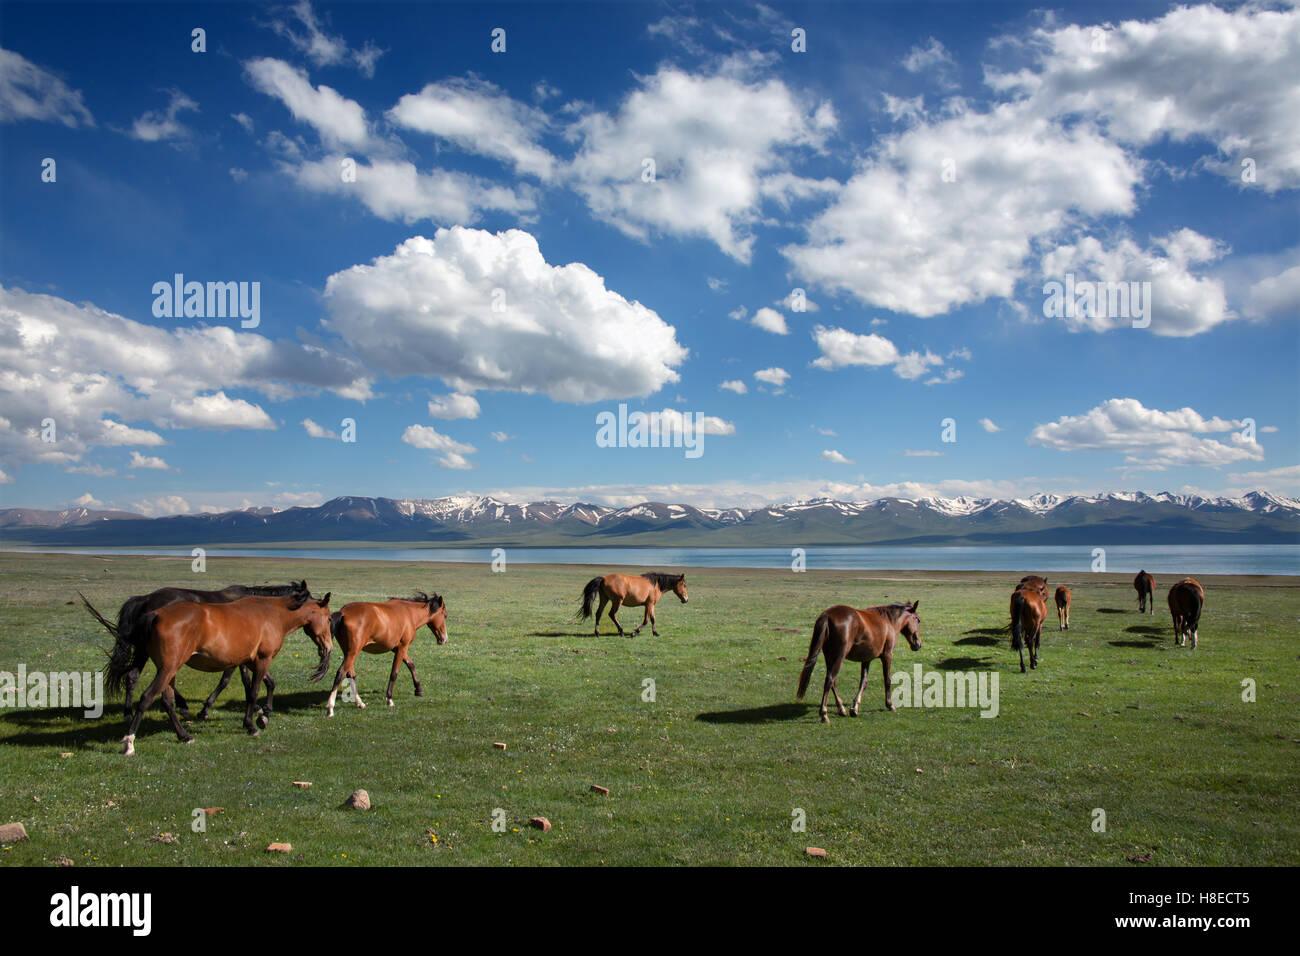 Kirguistán - Caballos en Song Kol lago - Viajes de personas de Asia Central Imagen De Stock